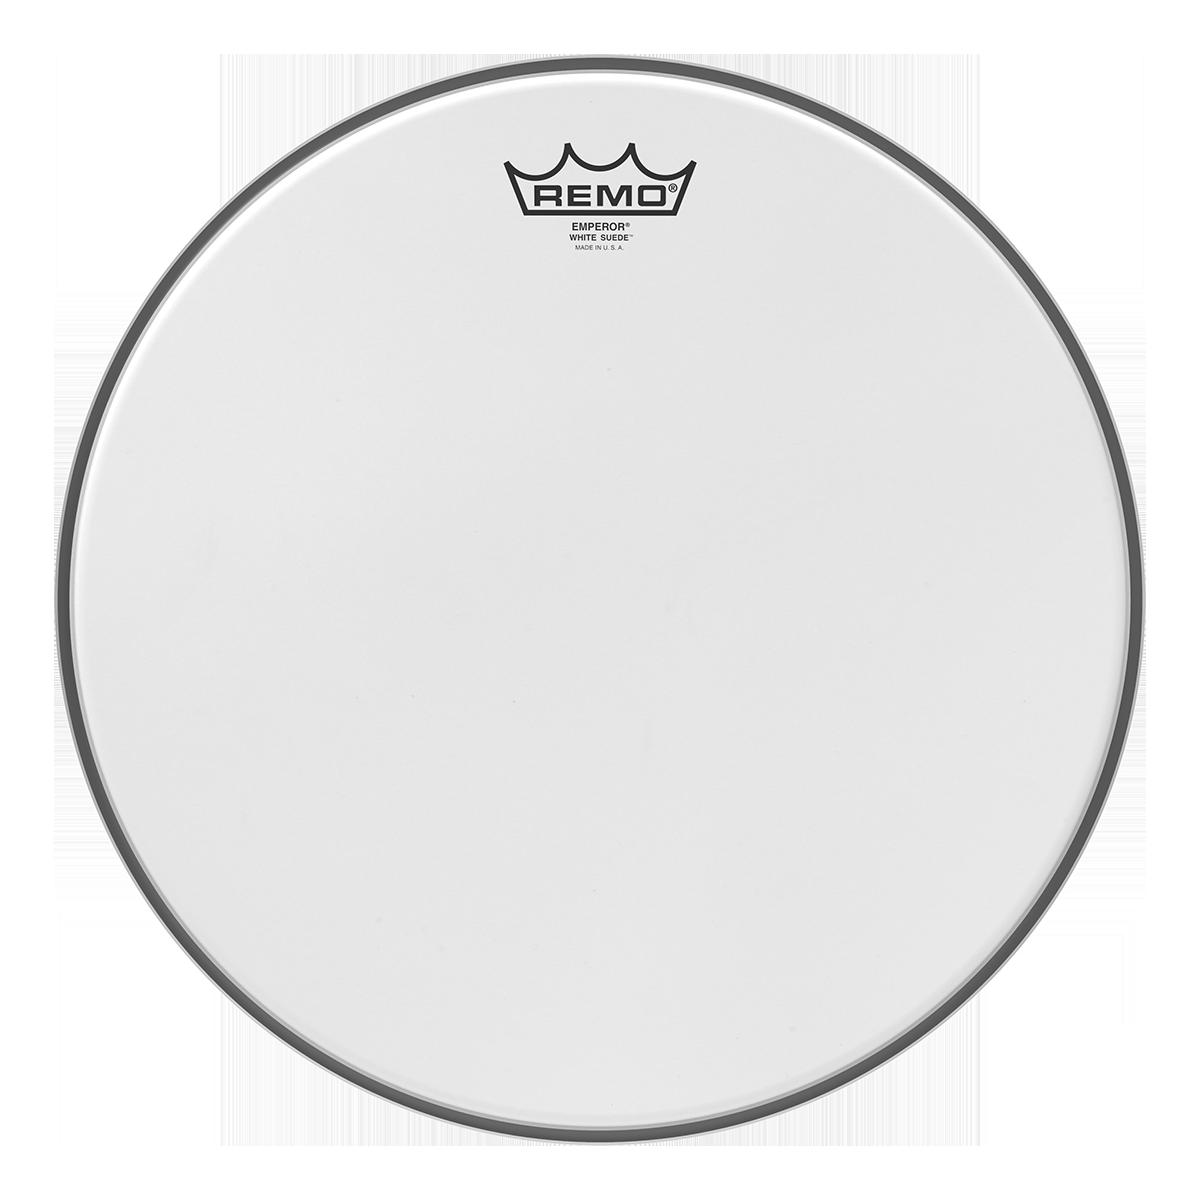 """Remo 15/"""" White Suede Emperor Drum Head"""